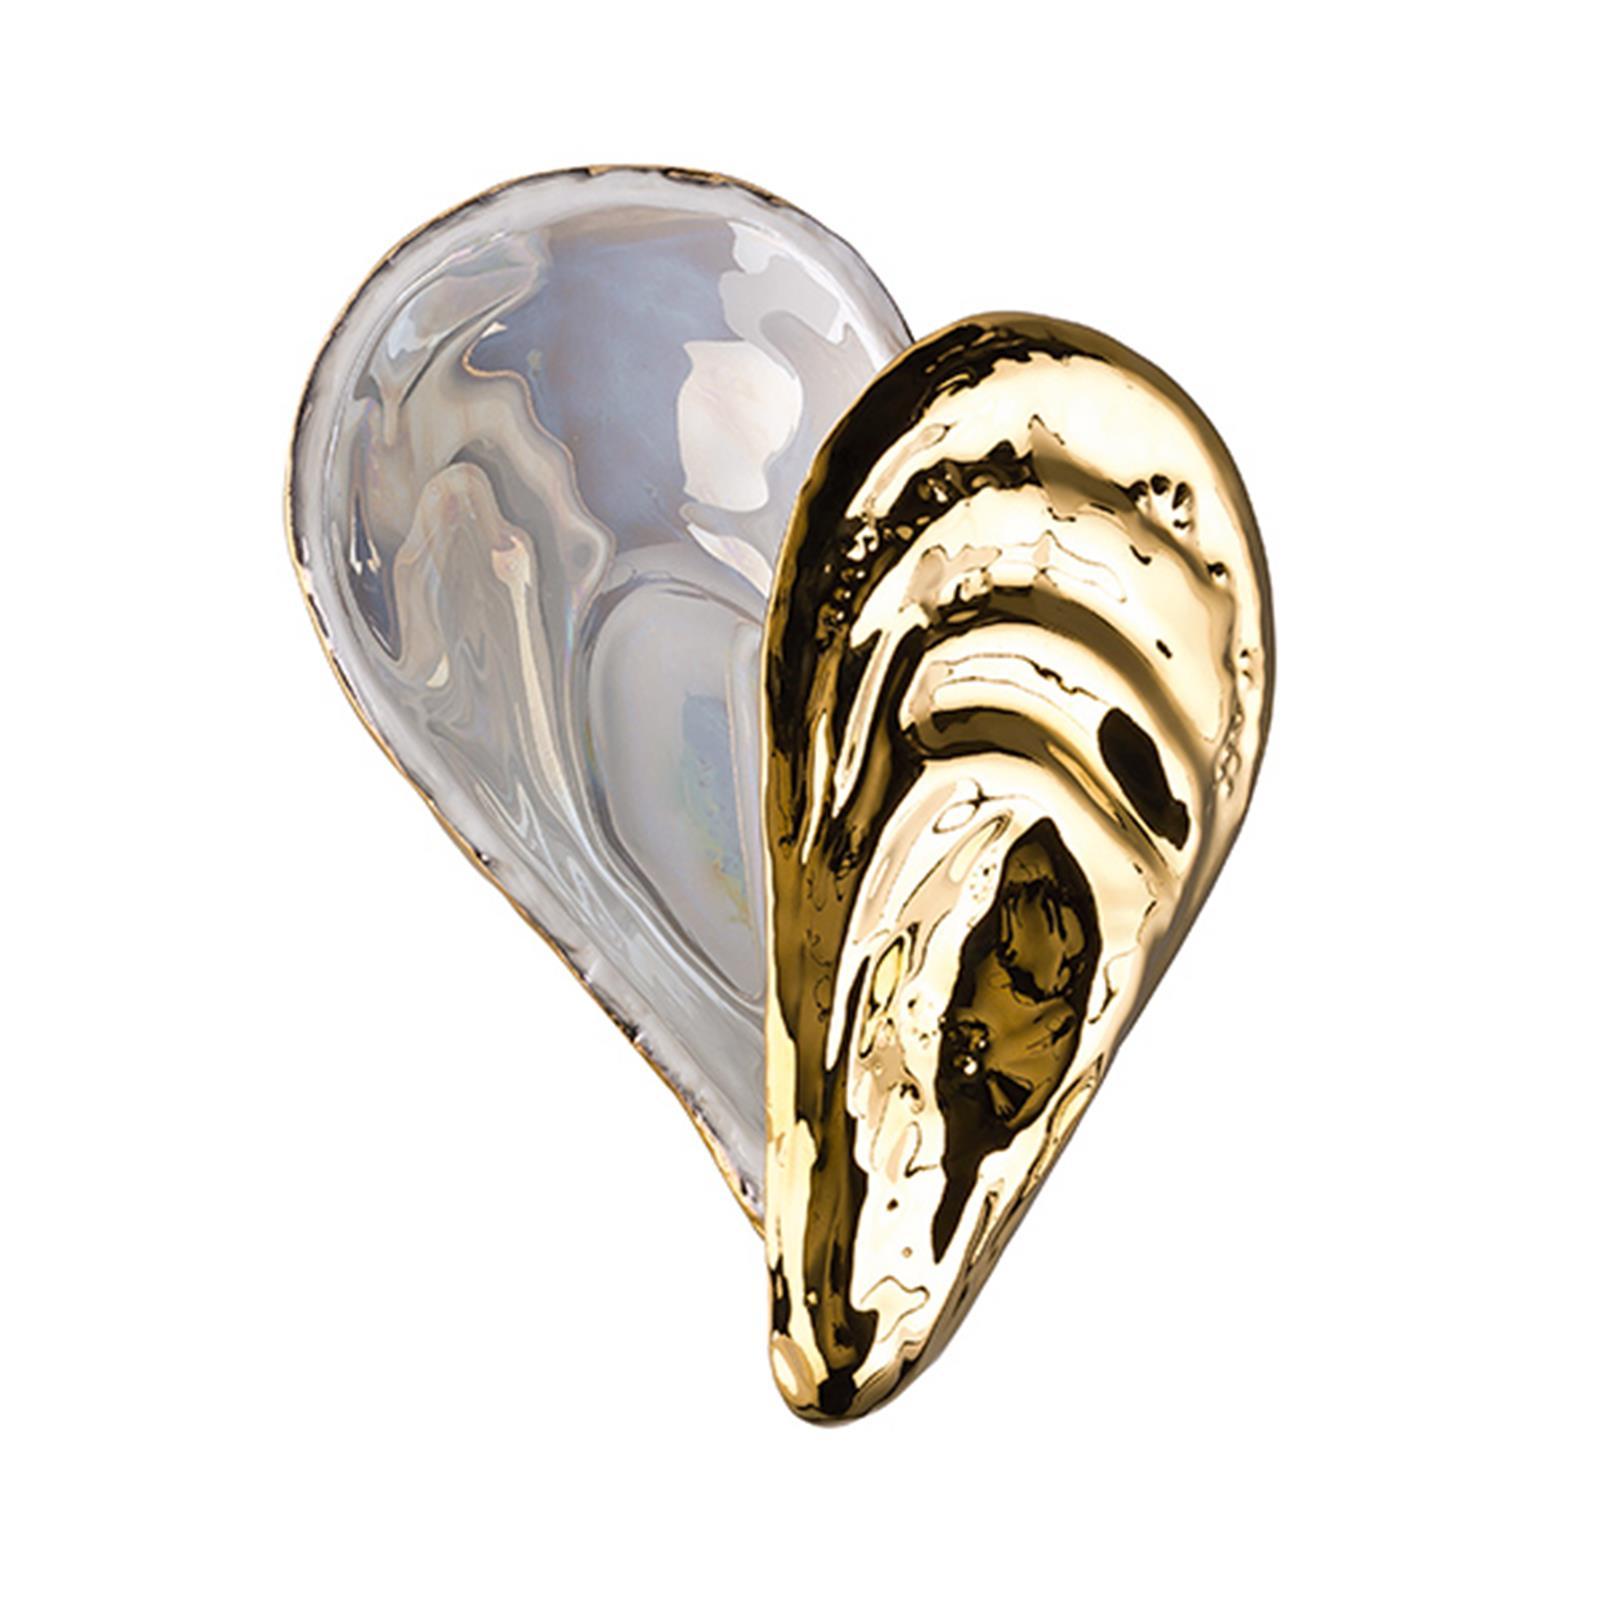 Rosenthal Geschenkset Dose Salz-Auster Gold (3-teilig), EUR 69,00 ...